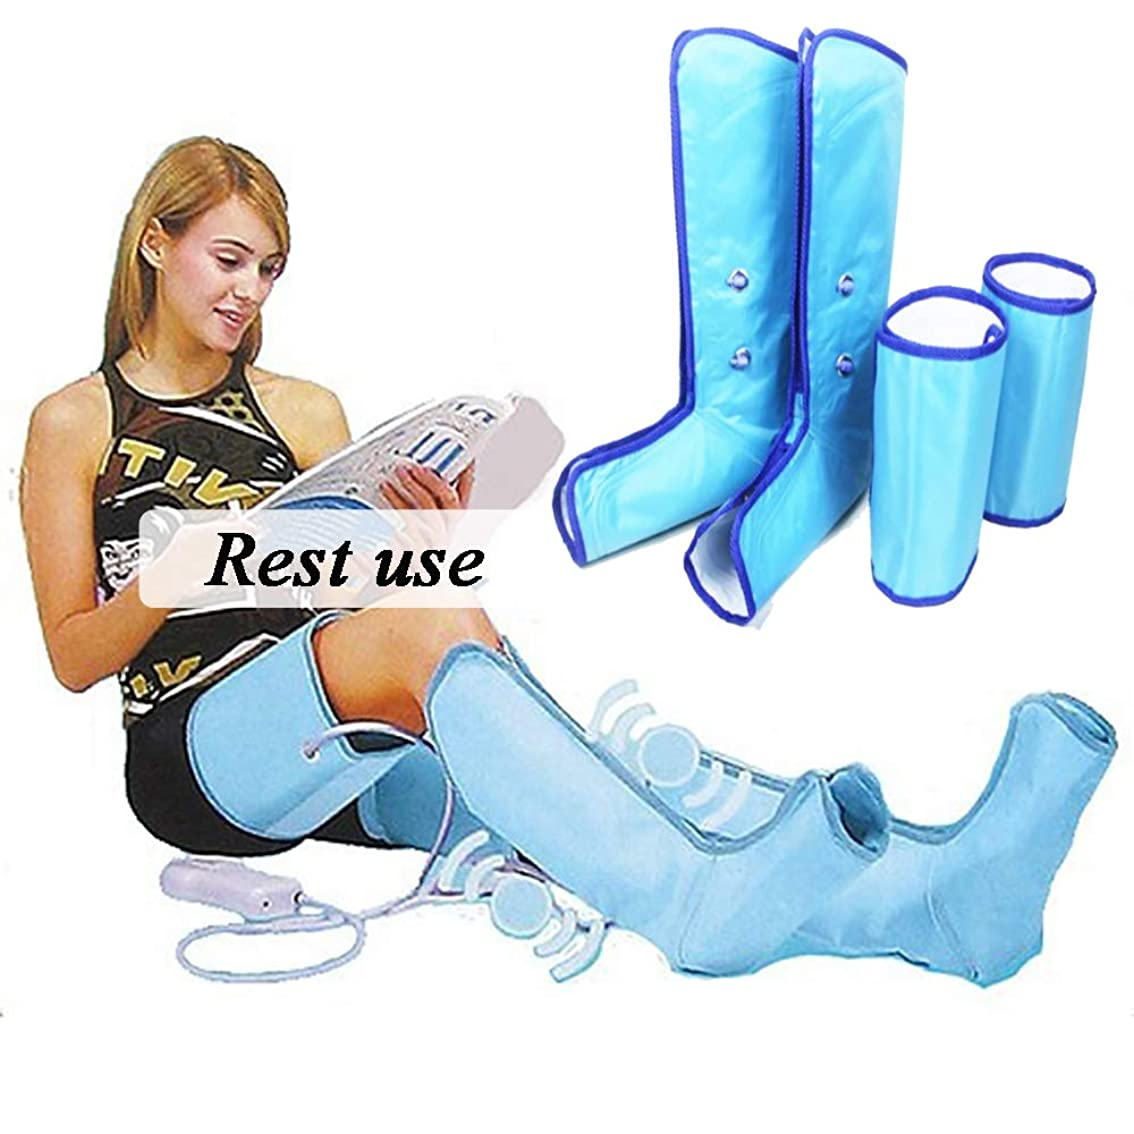 インシュレータ衝突厄介な足のマッサージトマッサージャー循環と筋肉のリラクゼーションに役立つ足とふくらはぎの空気圧縮マッサージを備えたレッグマッサージャー